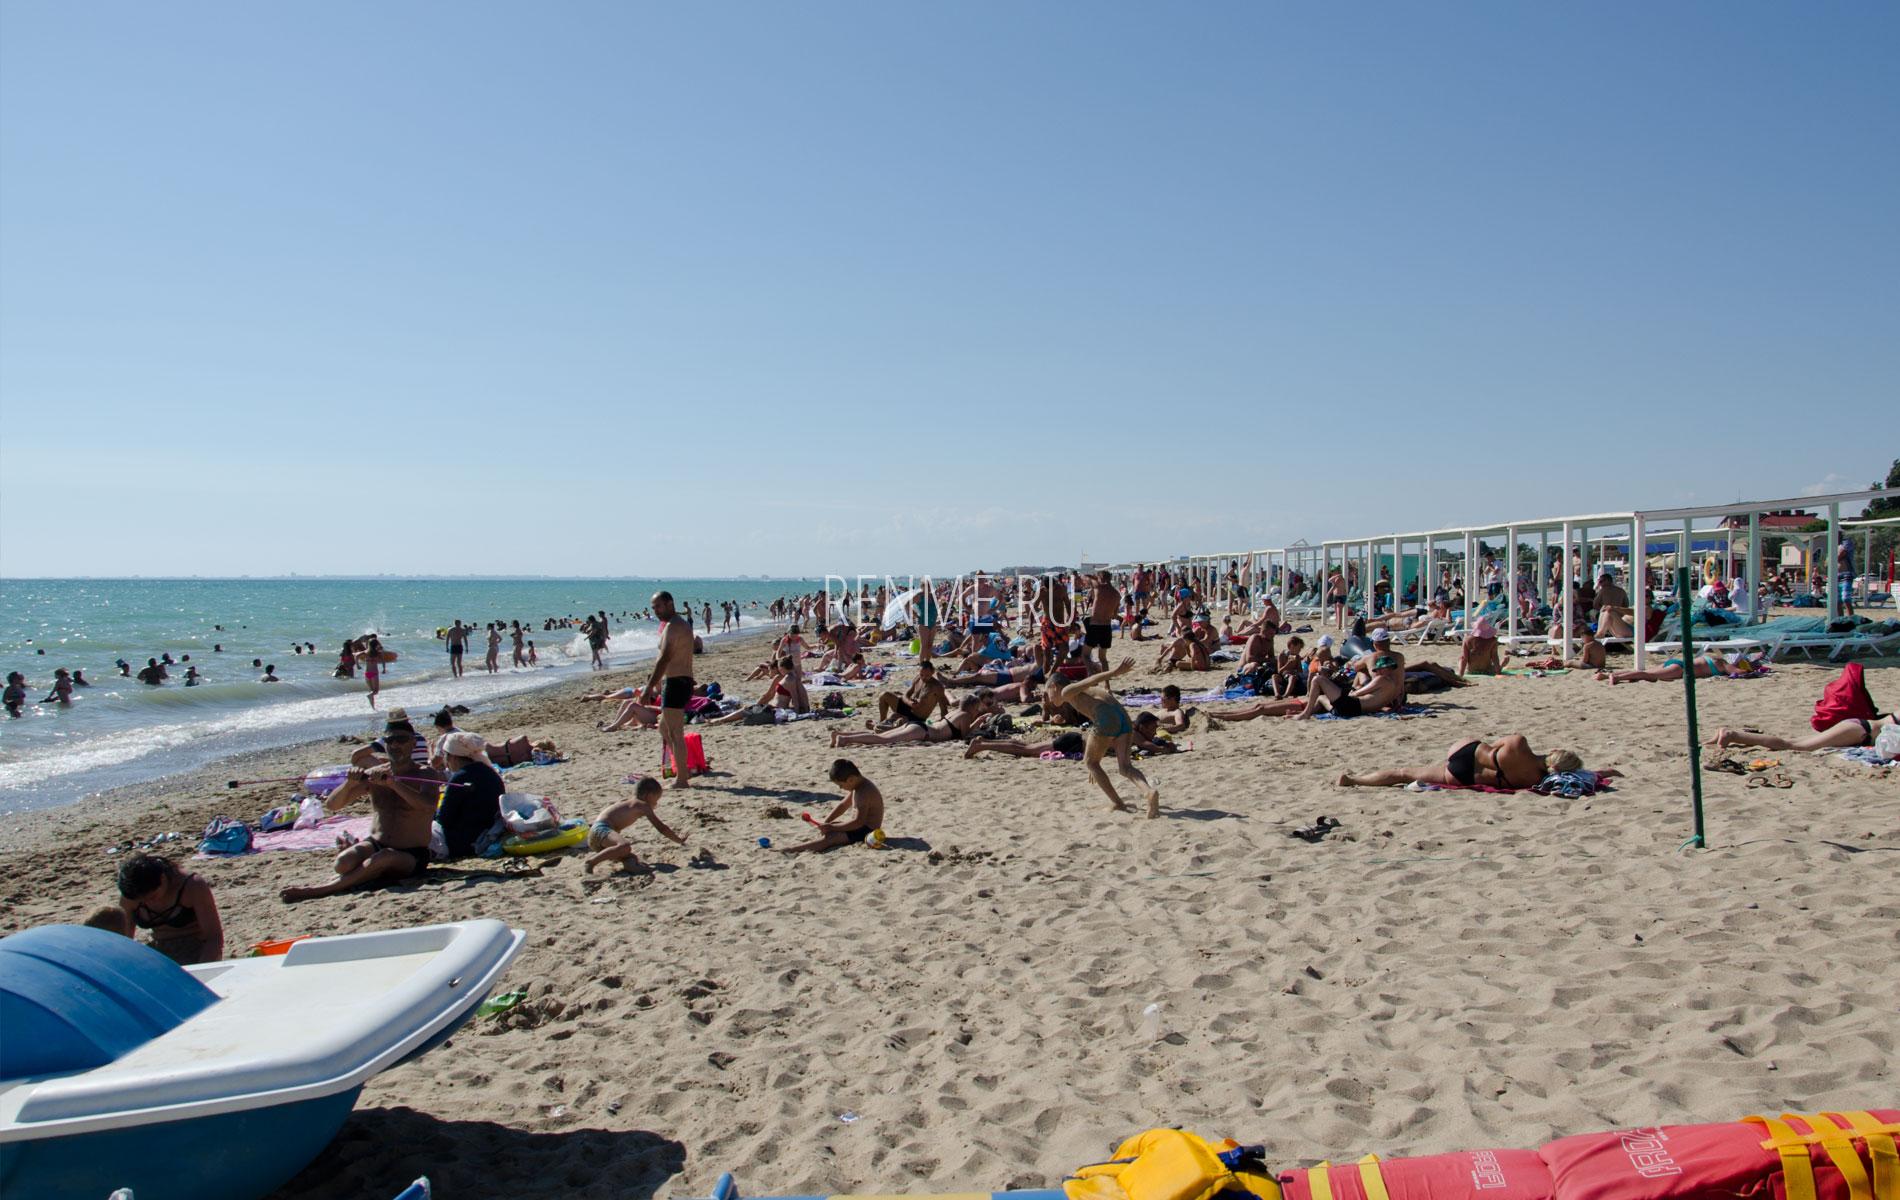 Отдыхающие на песчаном пляже. Фото Сак